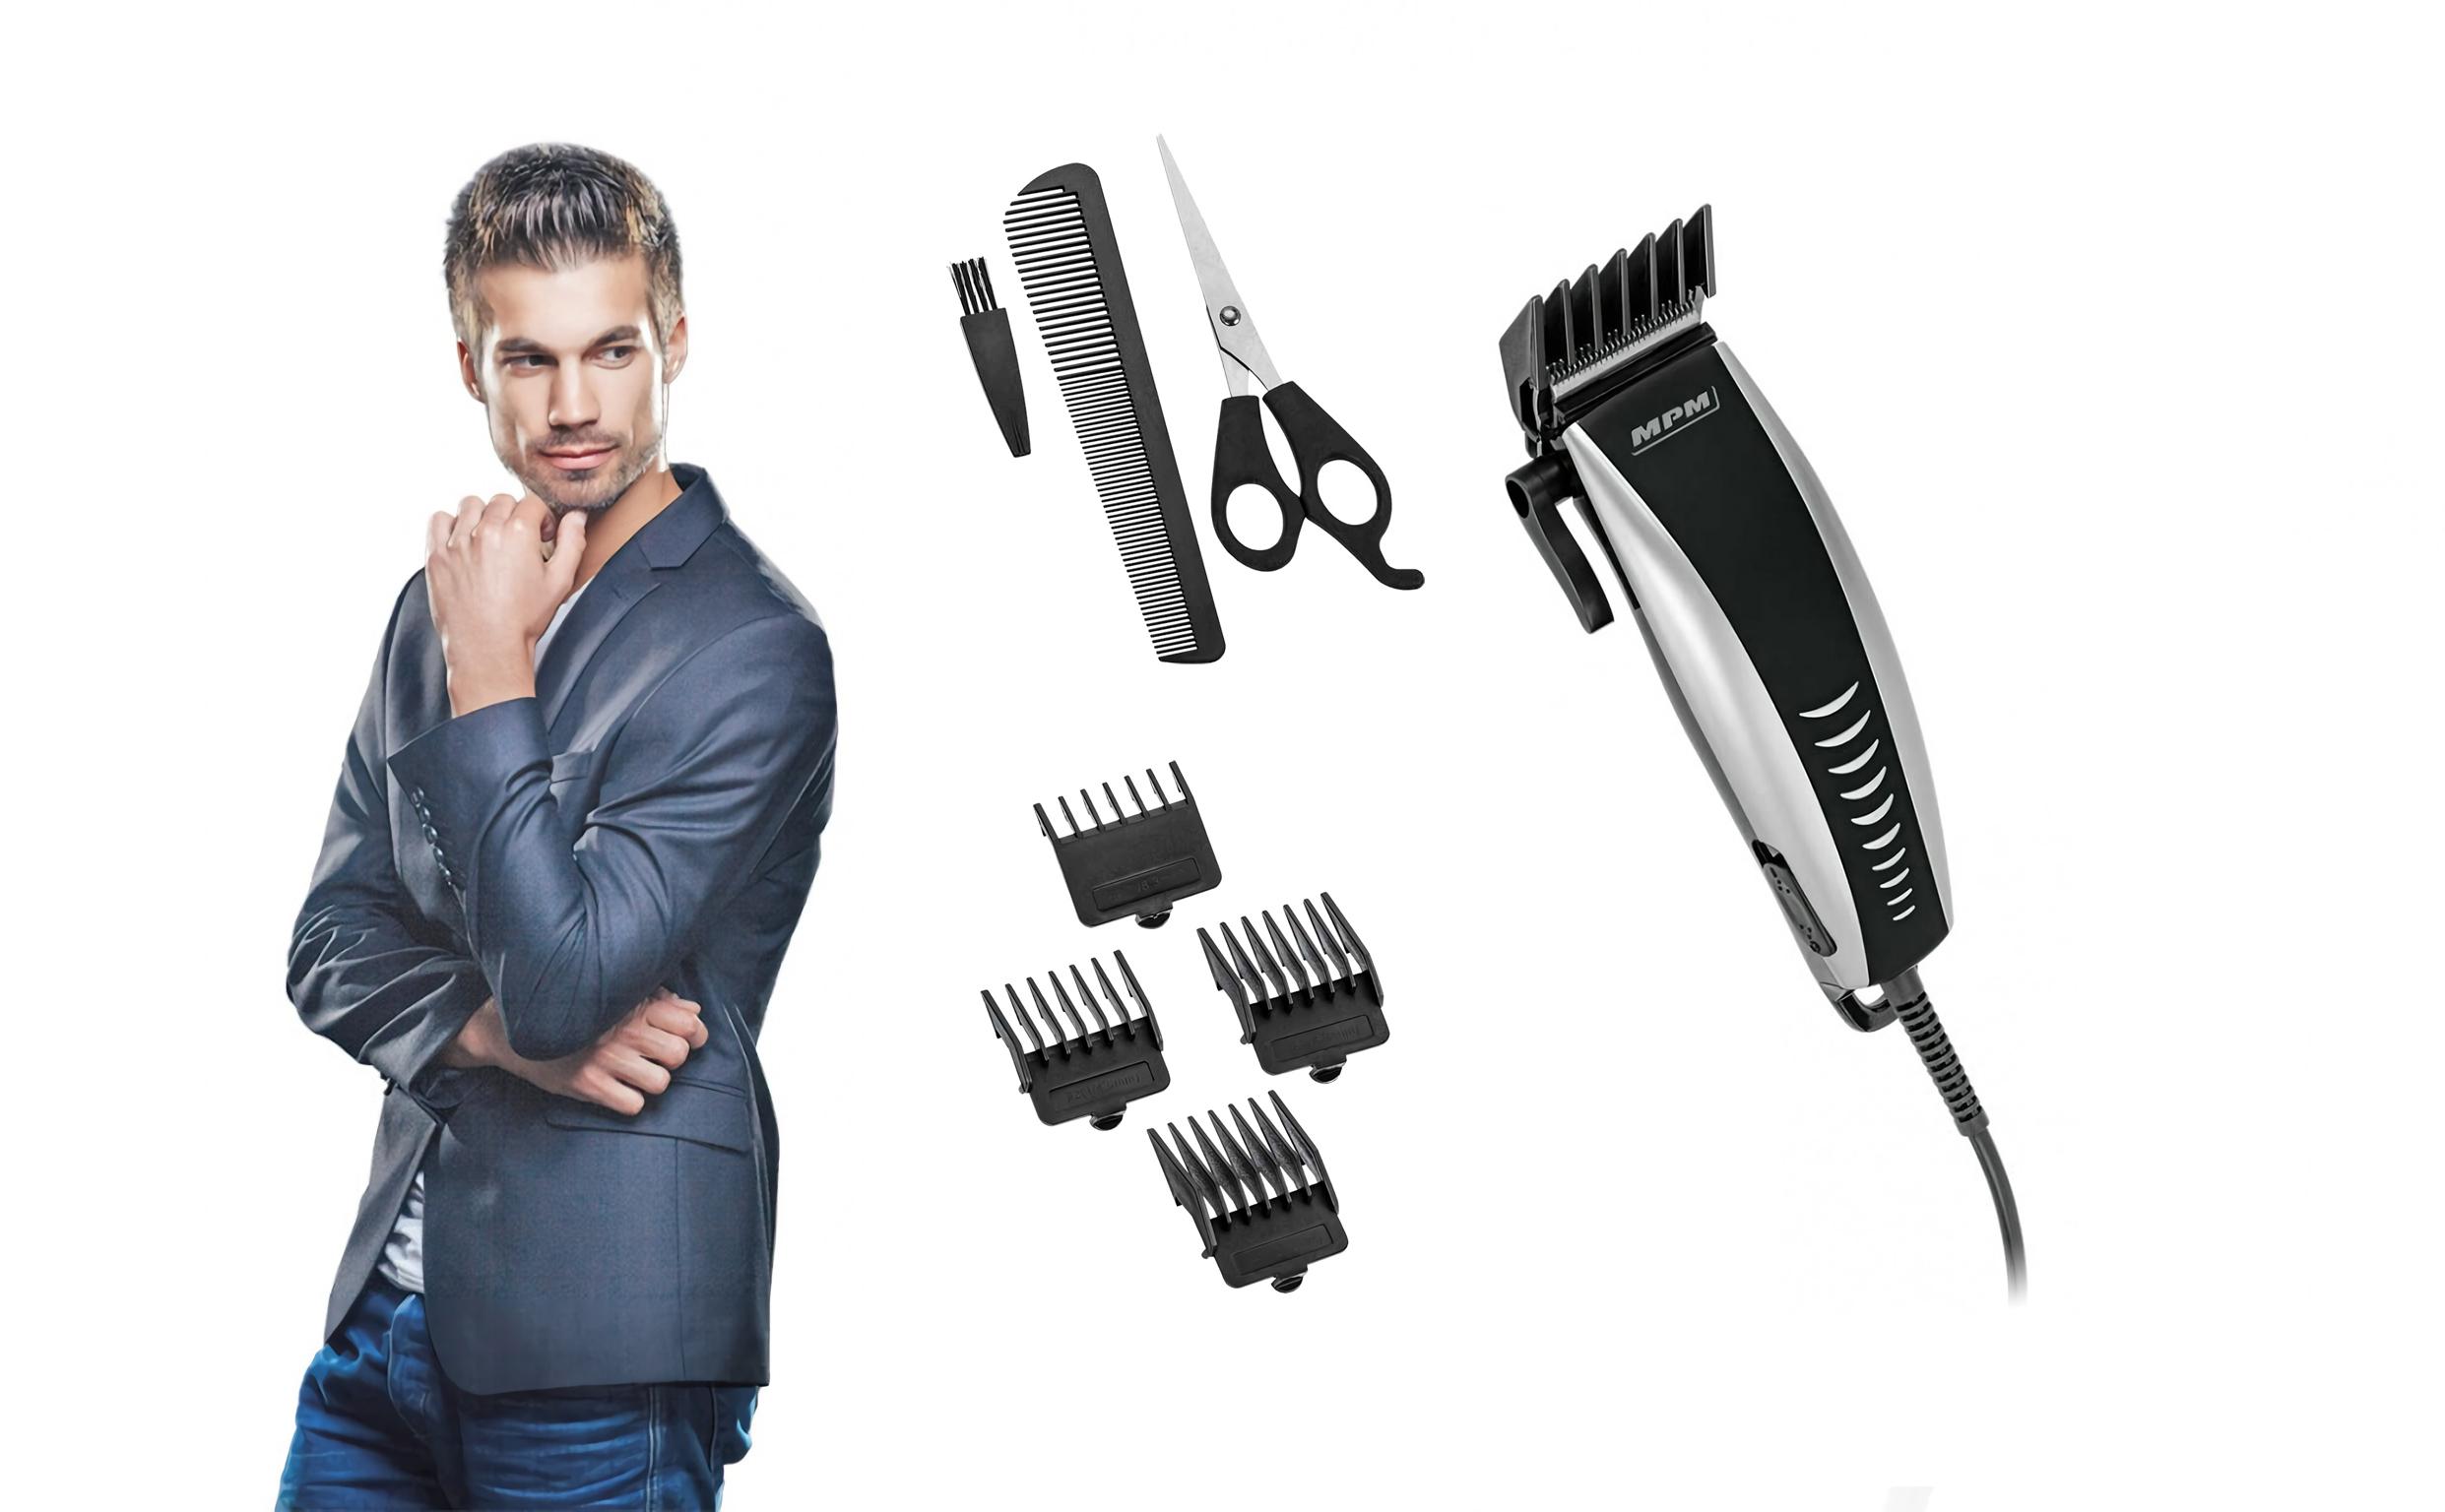 MPM MMW-02 Cortapelos Eléctrico Profesional, afeitadora para Hombre, Ajuste de corte, Acero Inoxidable, cabeza, barba y cuerpo